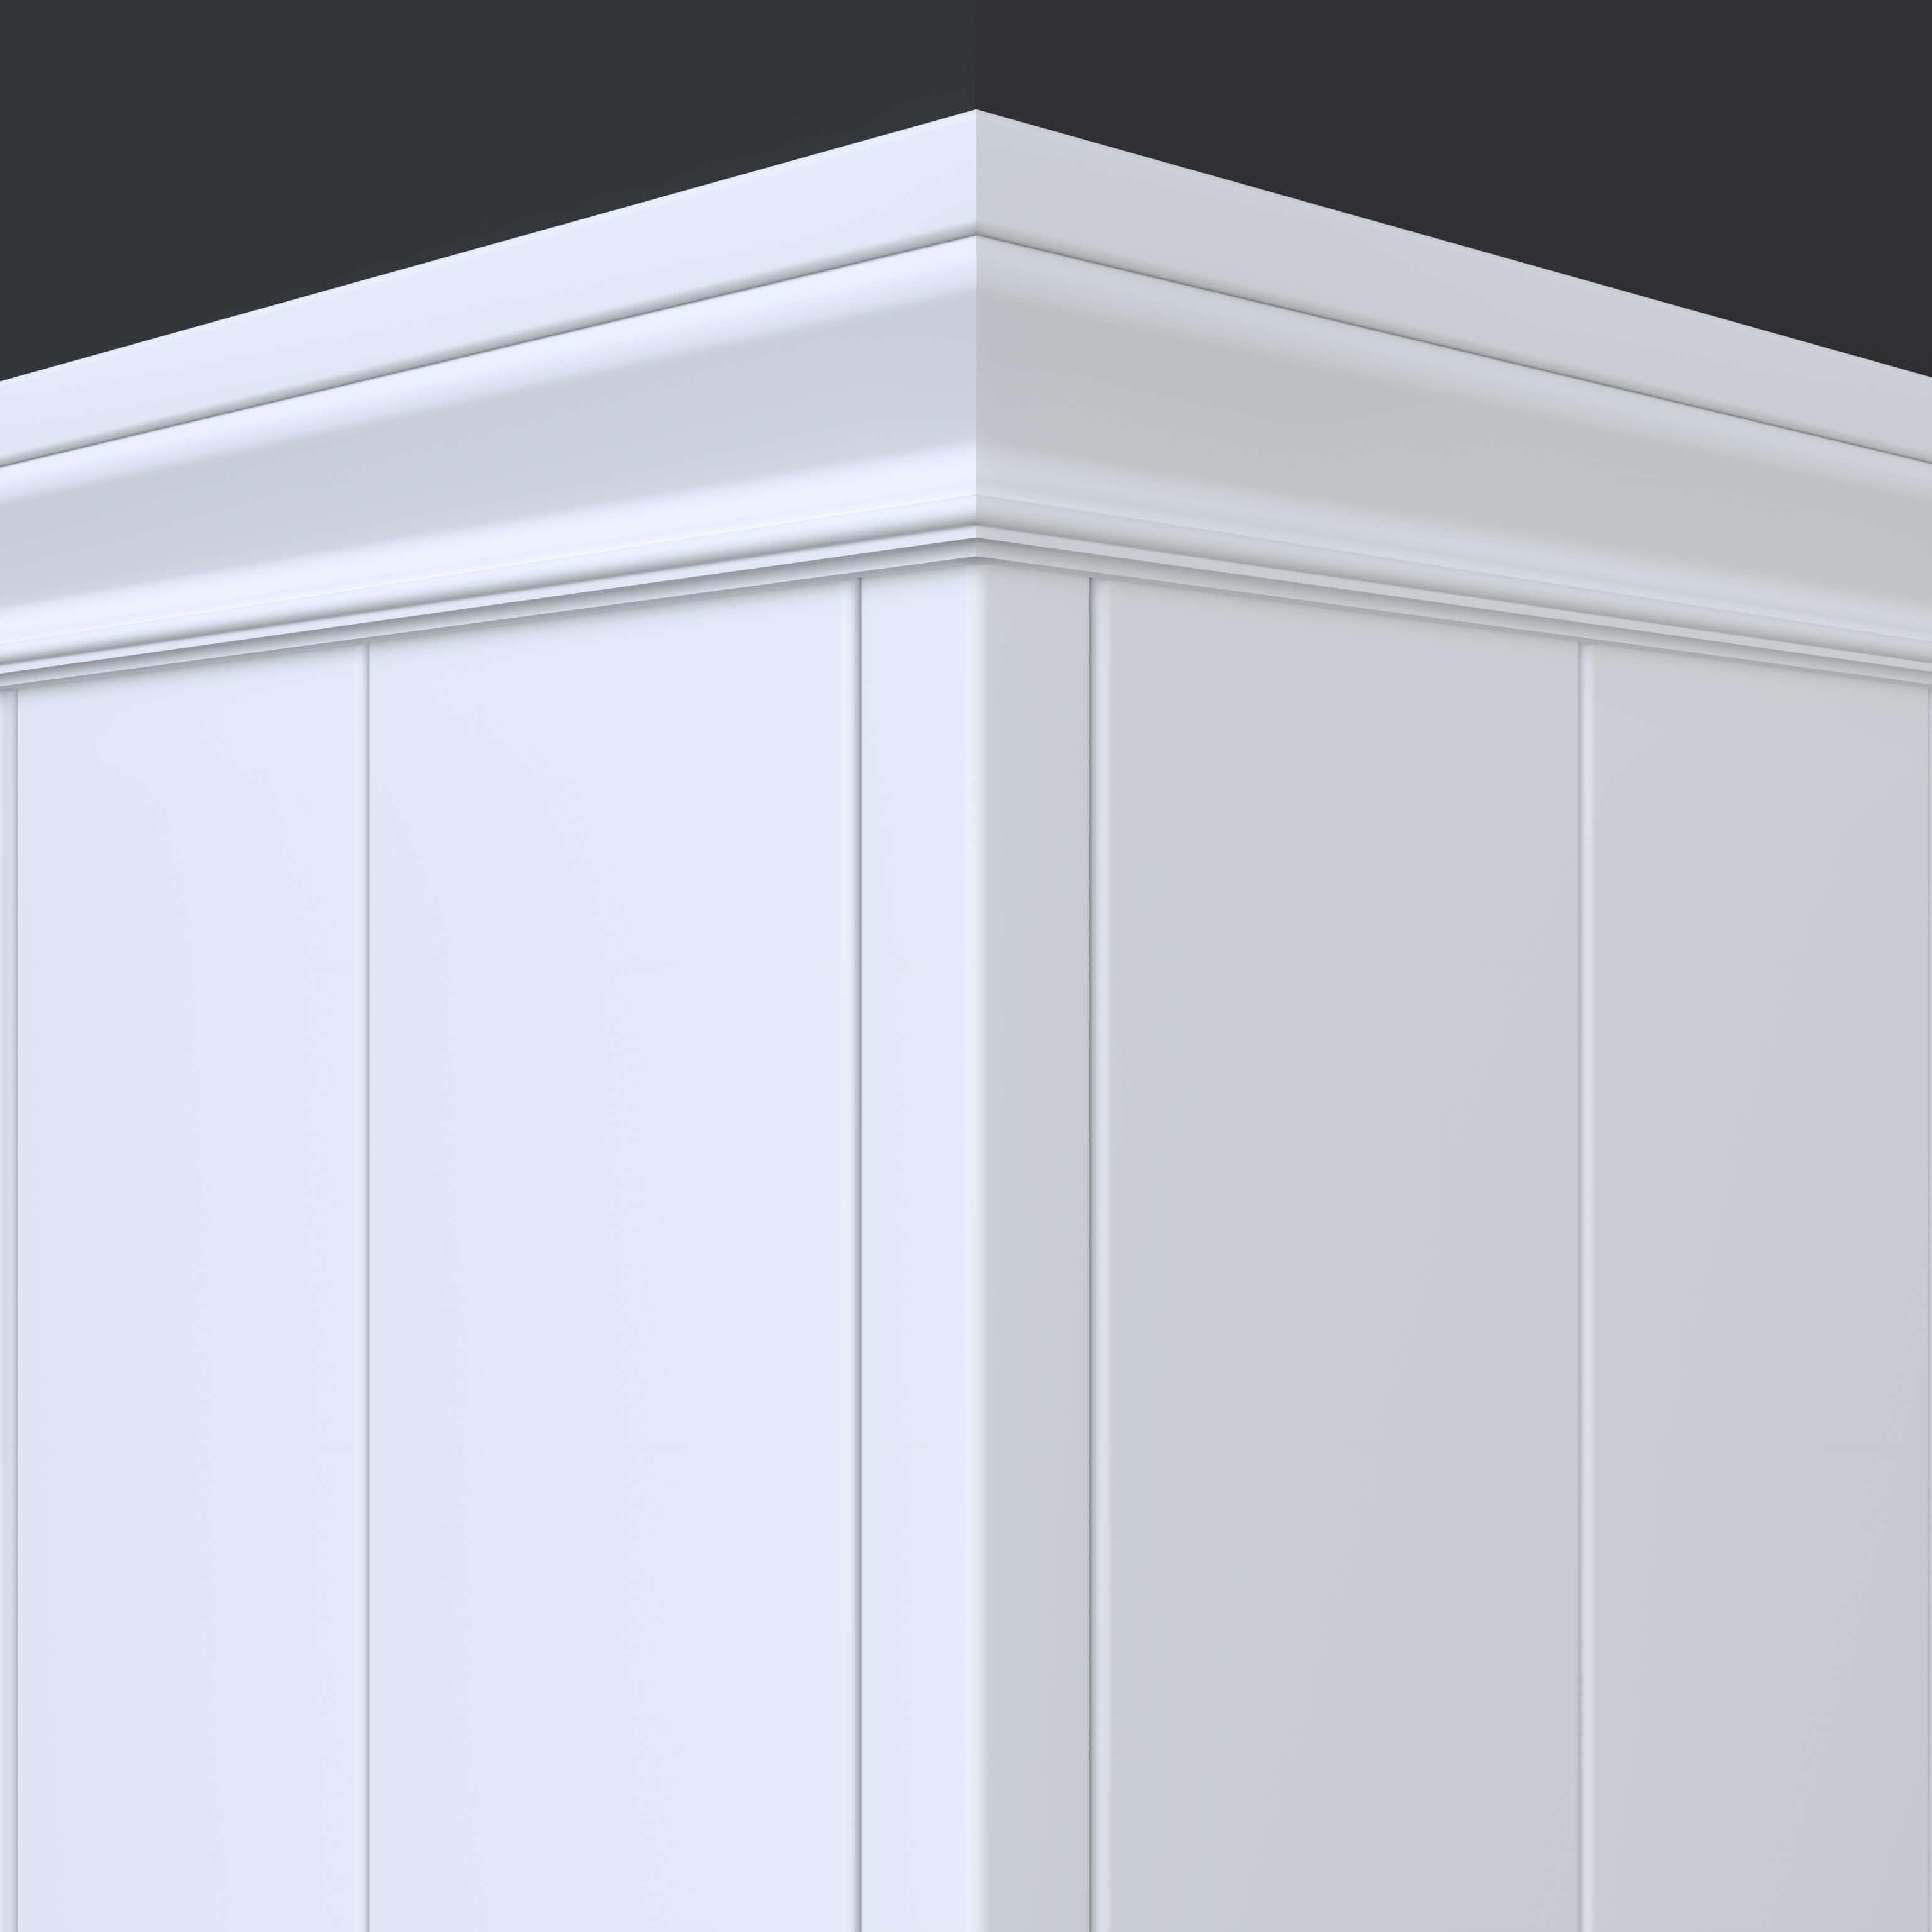 Rivestimento Soffitto Con Perline In Legno: Rivestimento soffitto con perline in legno gazebi ...